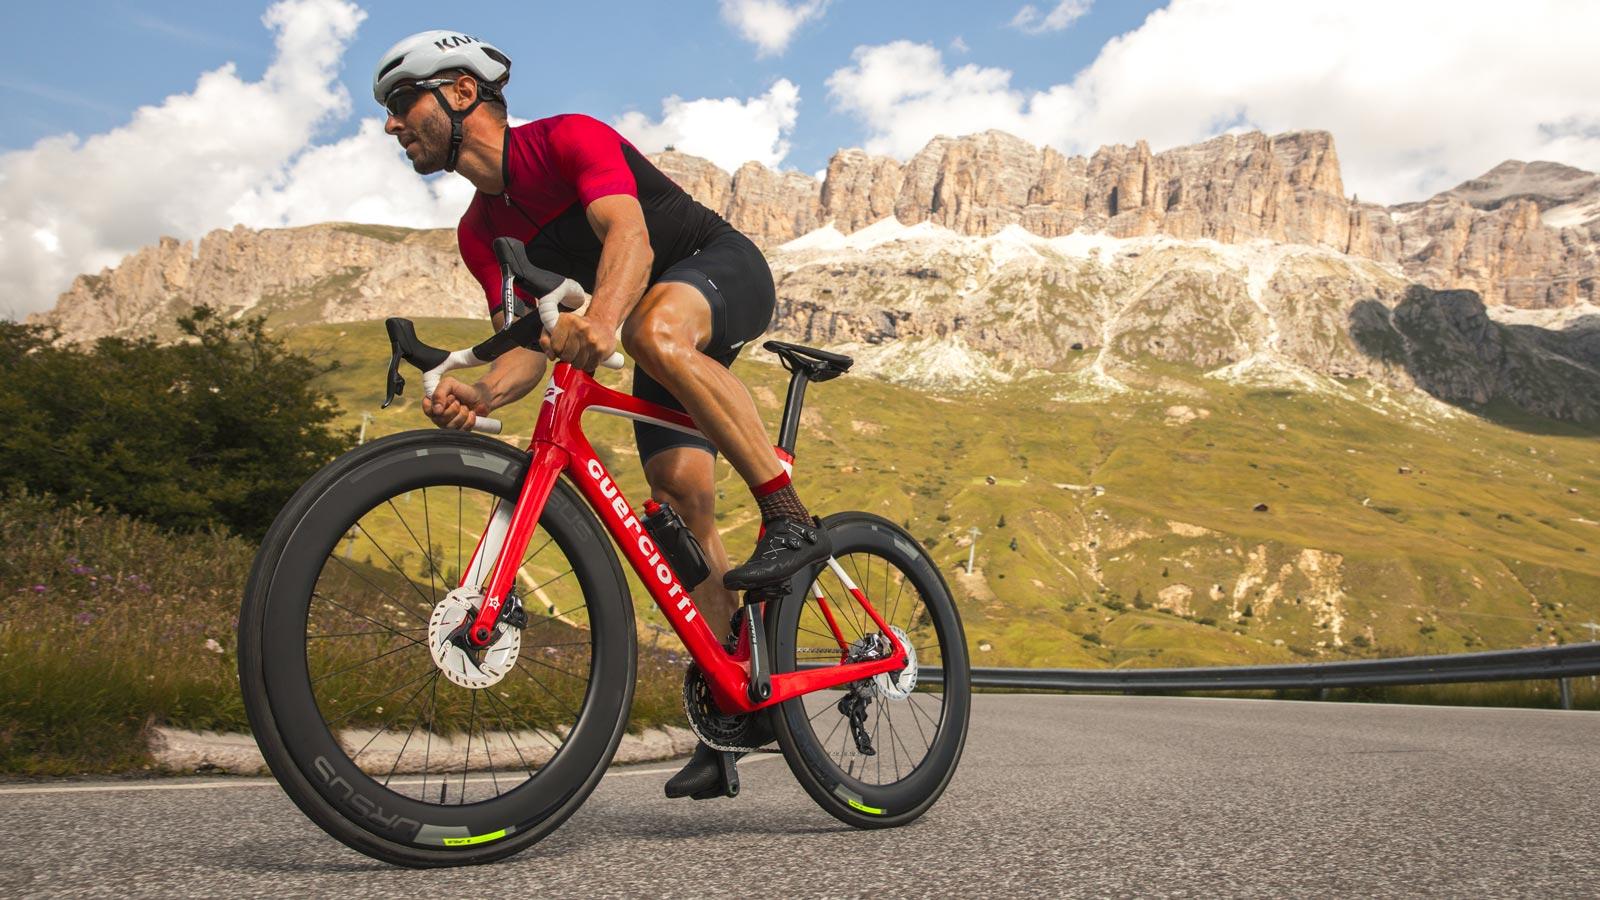 bici da corsa su strada / roar racing bikes